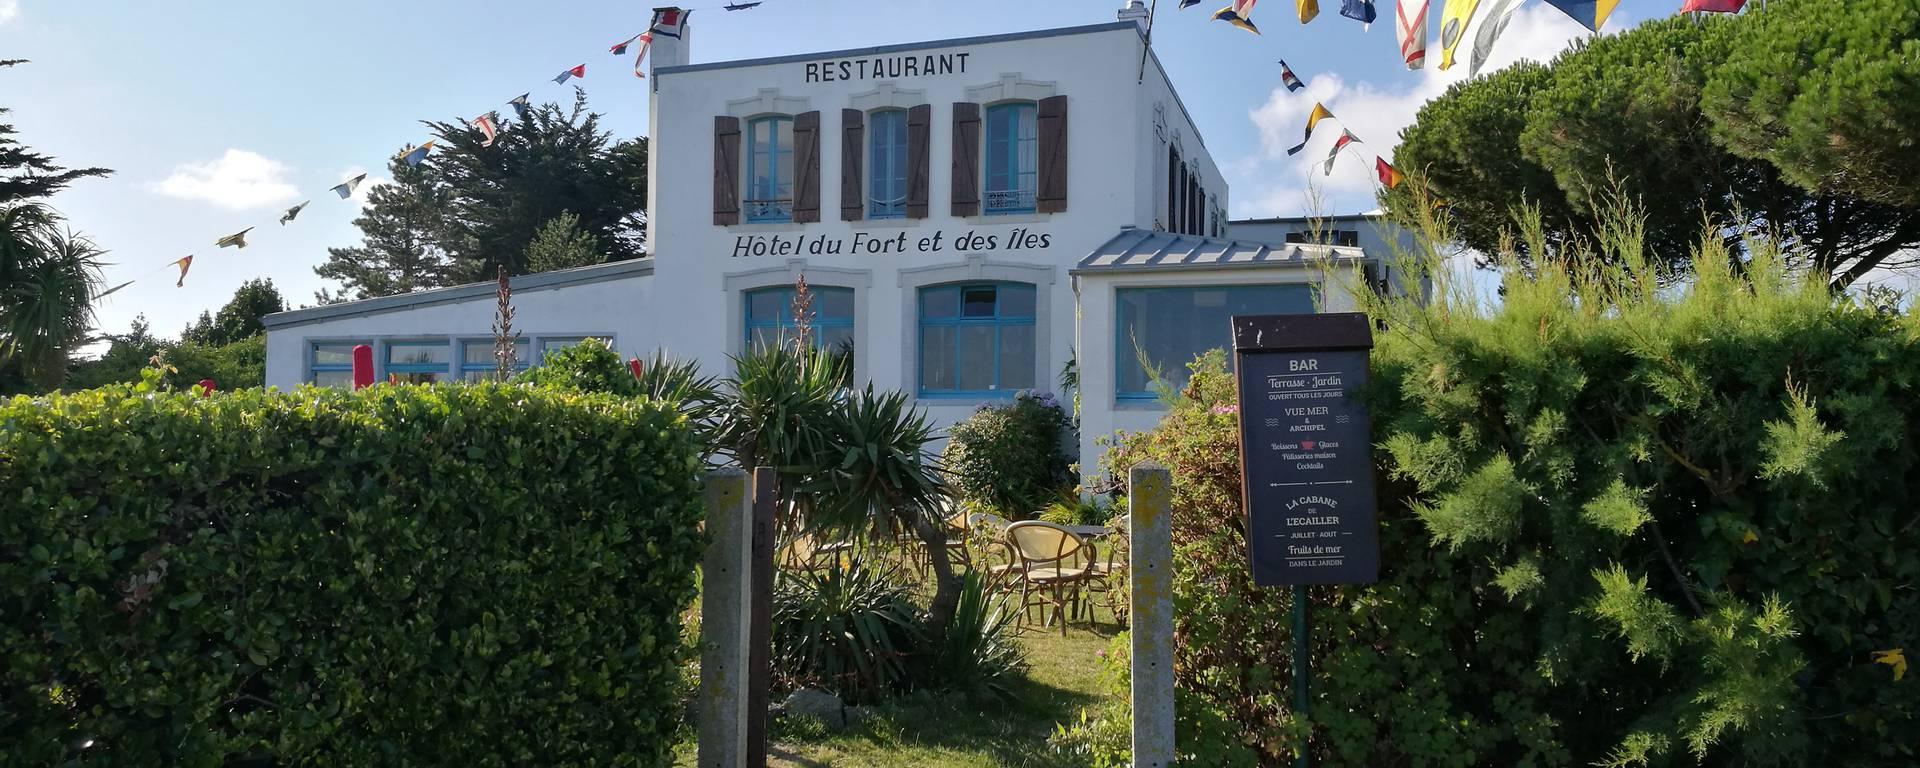 l'hôtel du Fort et des îles à Chausey